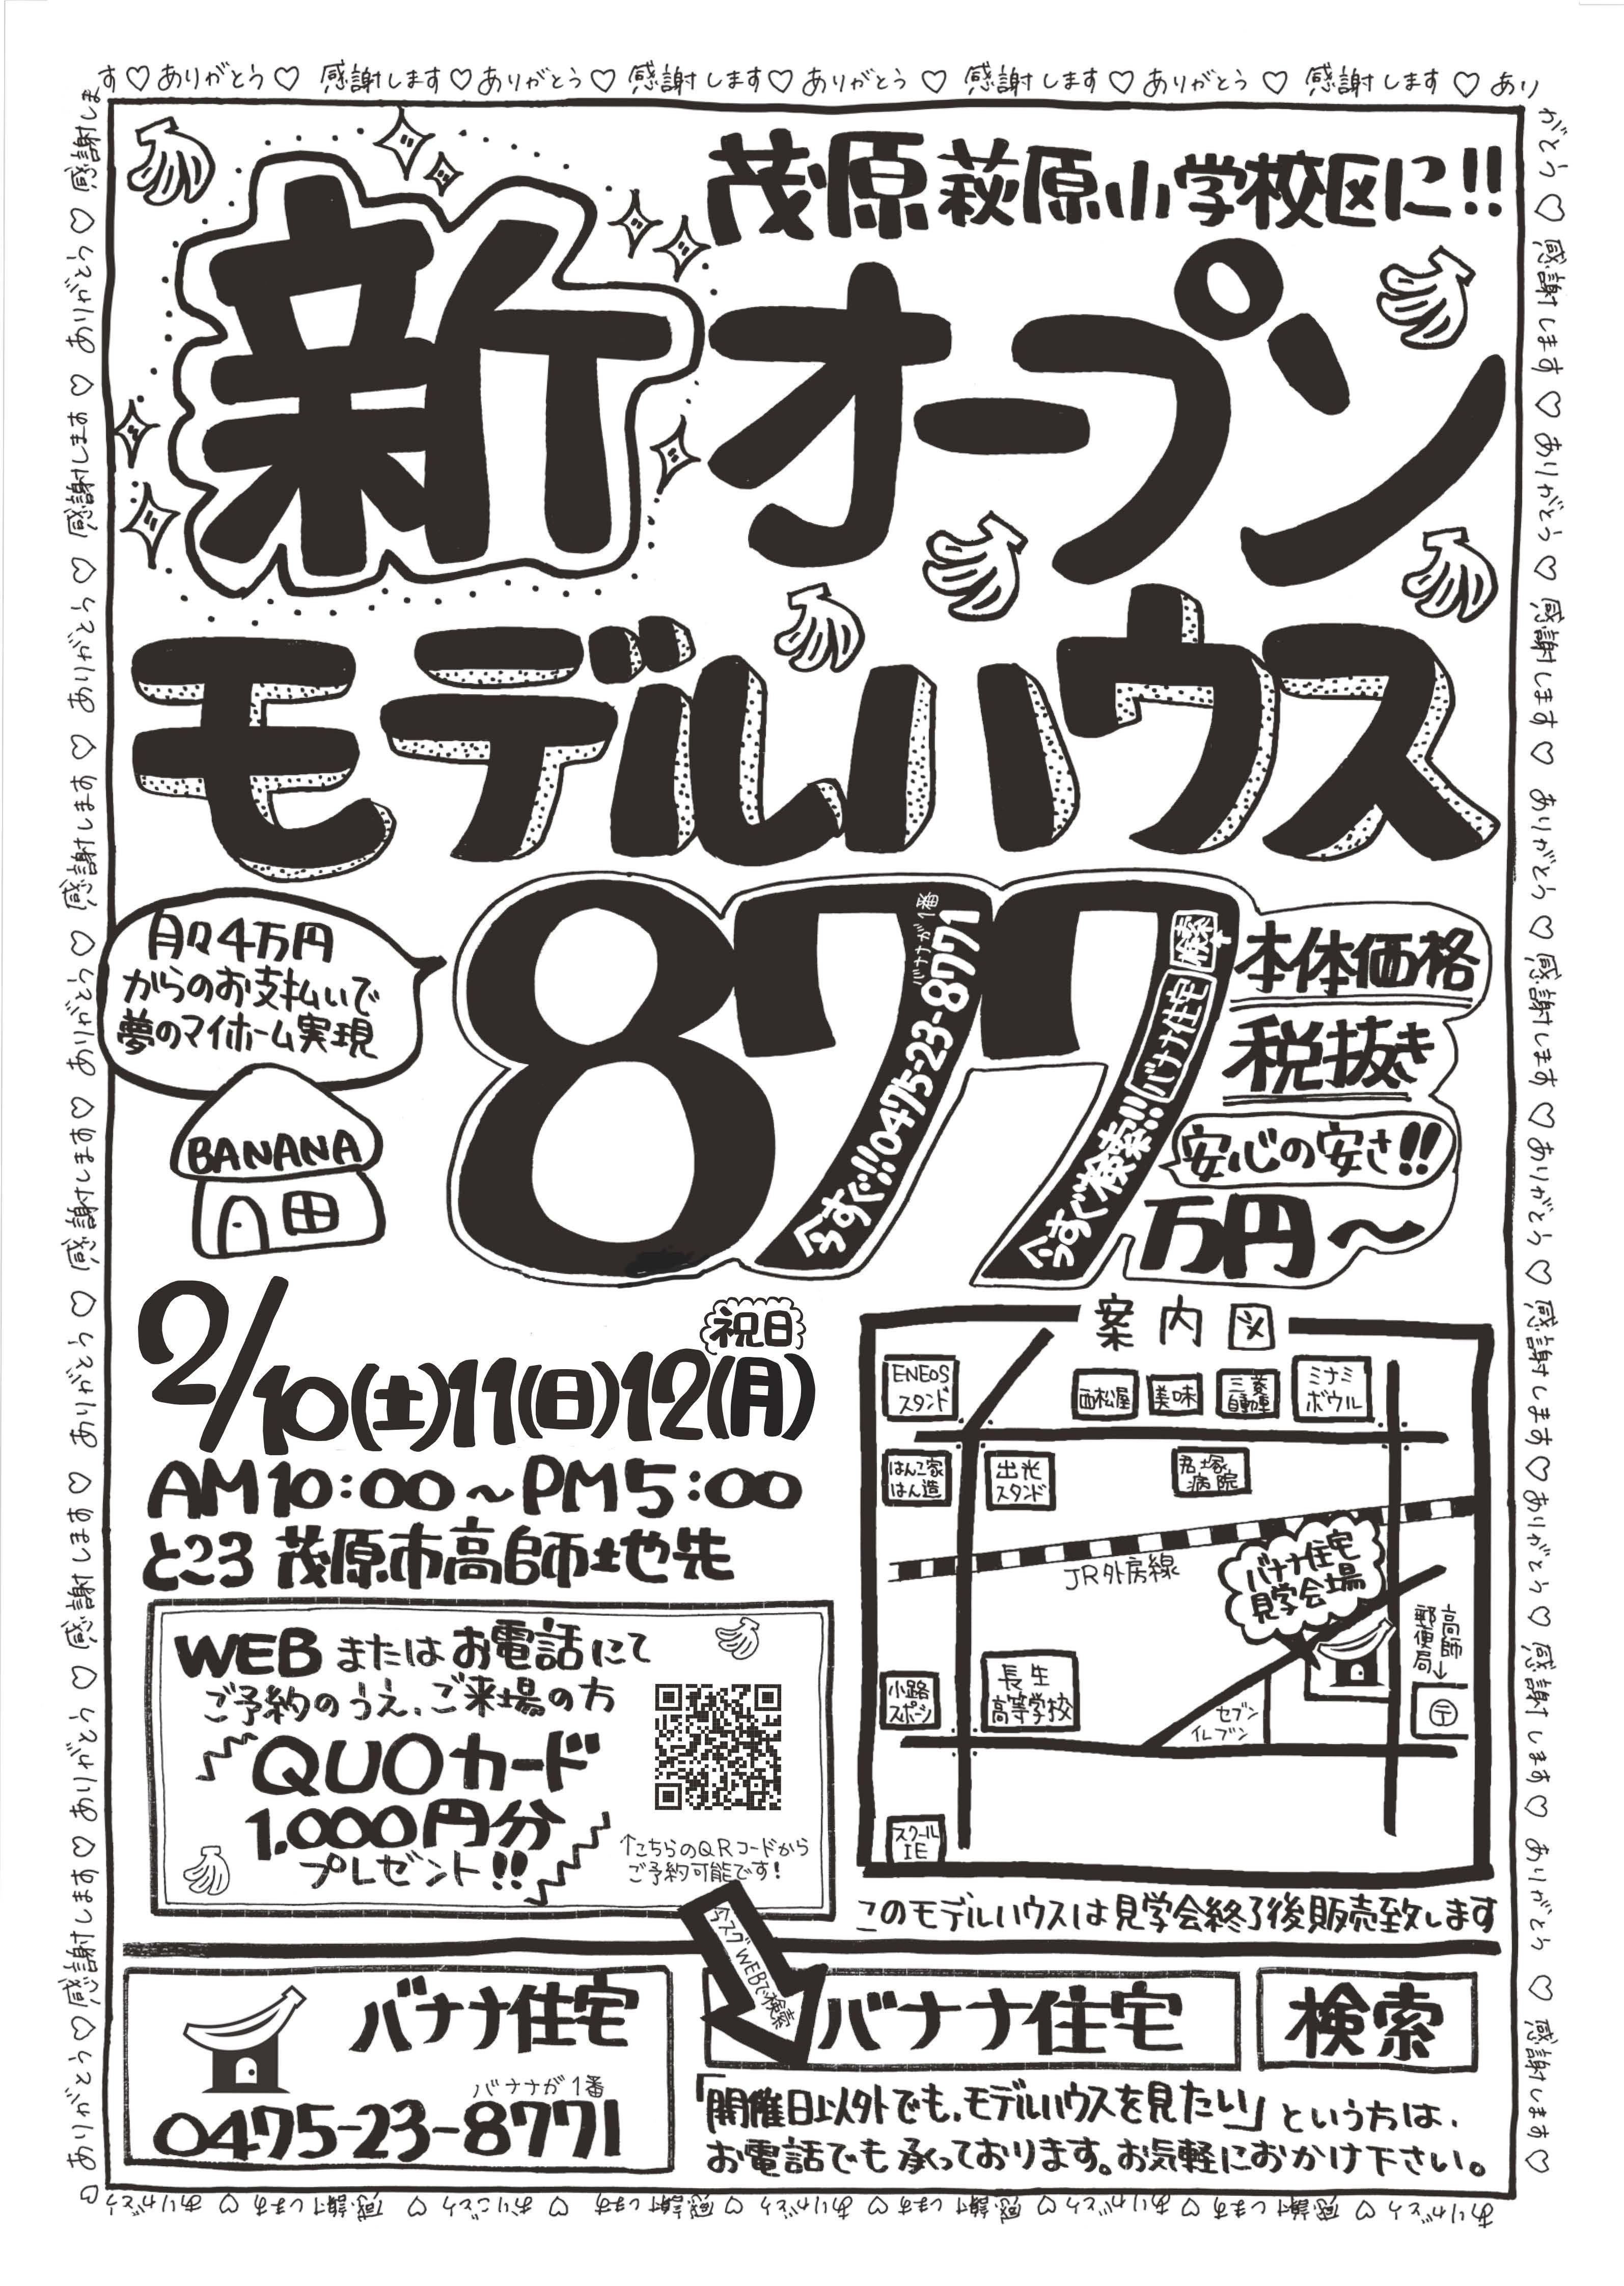 【茂原萩原】新モデルハウスオープン